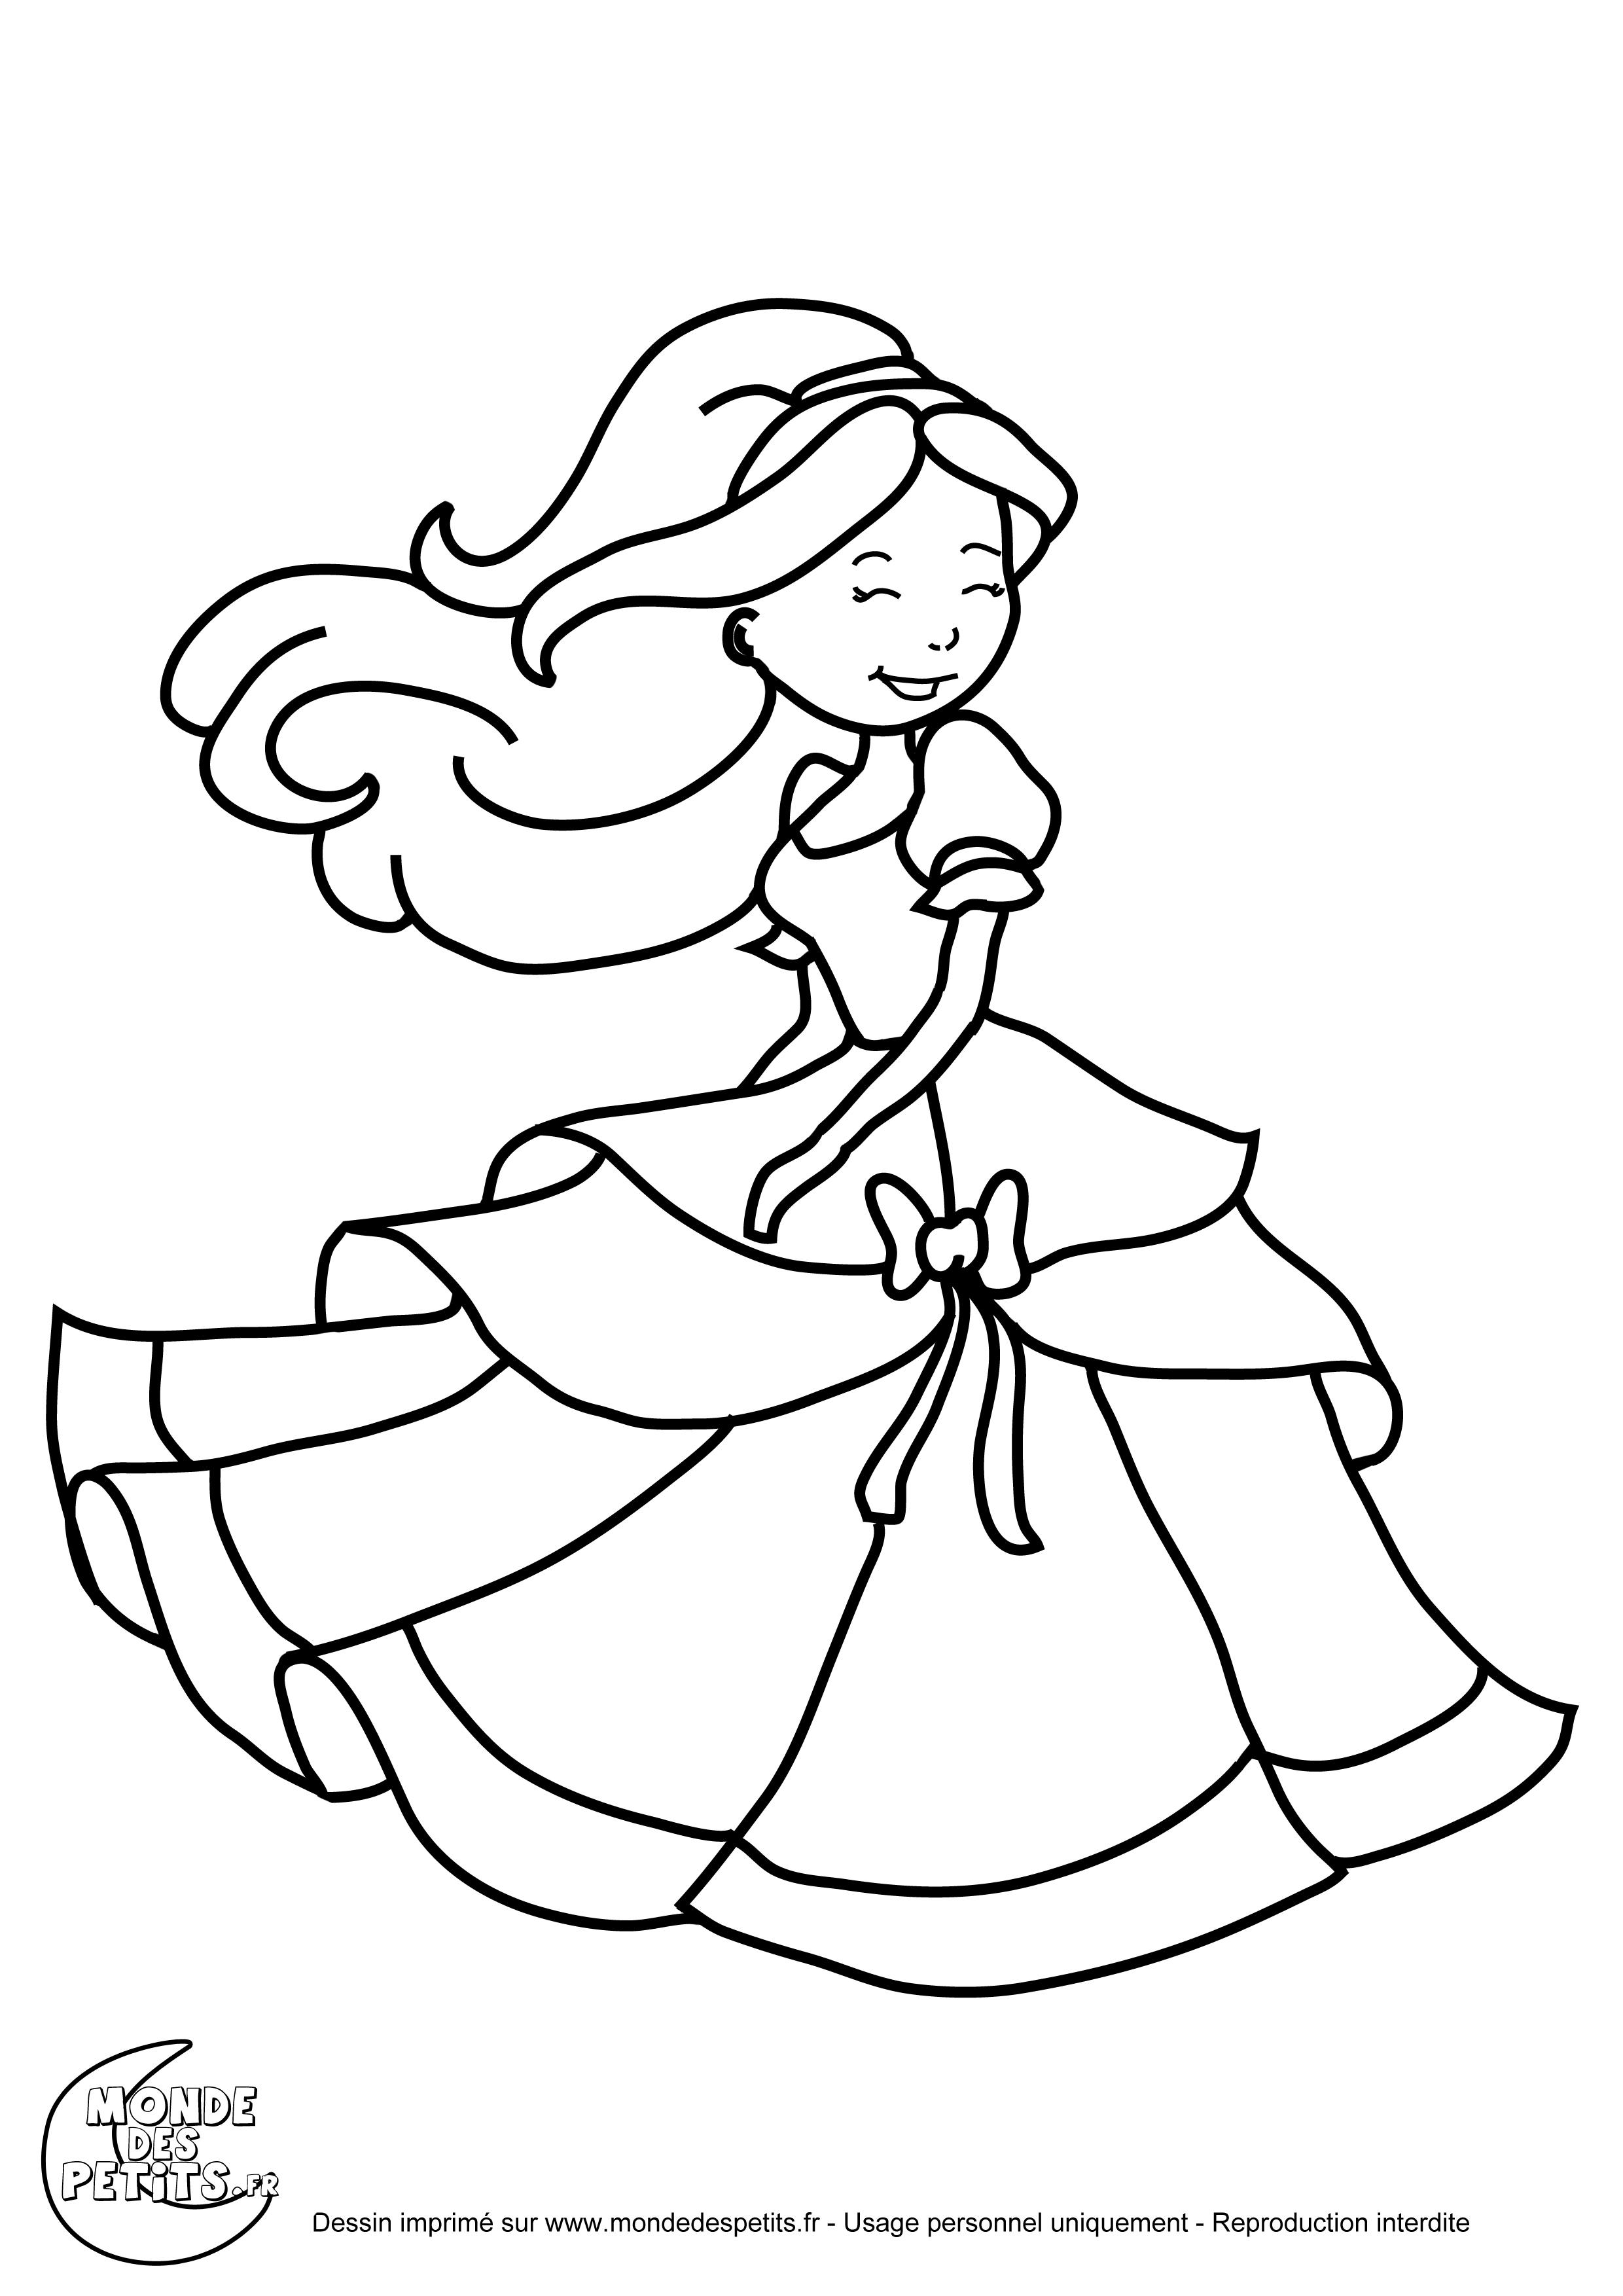 Monde des petits coloriages imprimer - Coloriage princesse a imprimer gratuit ...